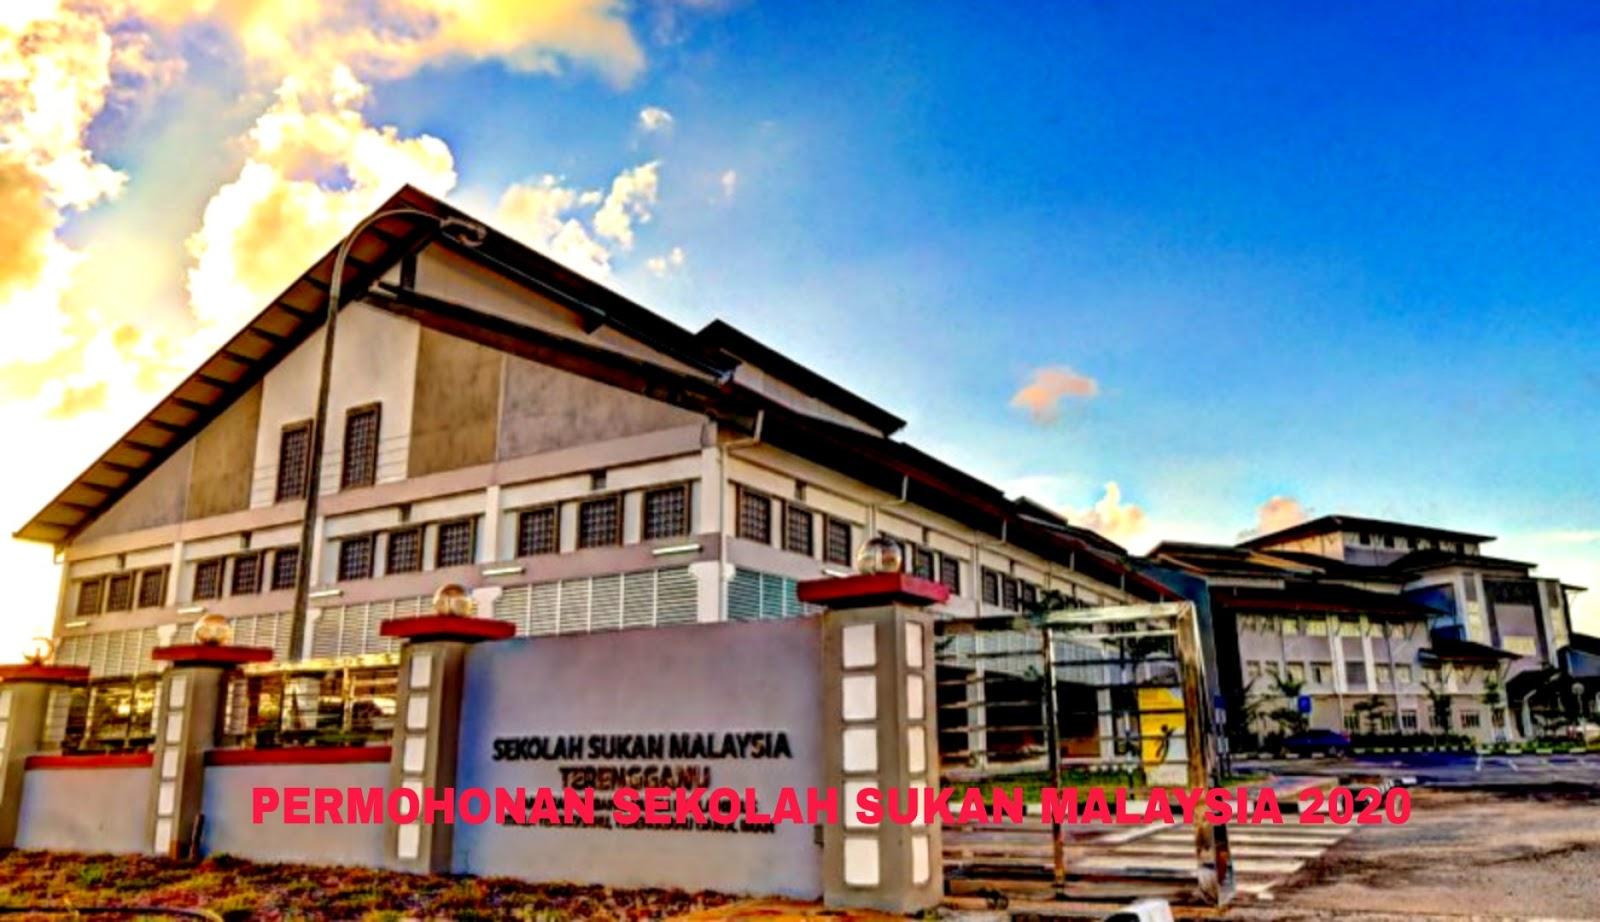 Permohonan Sekolah Sukan Malaysia 2021 Januari Julai My Panduan